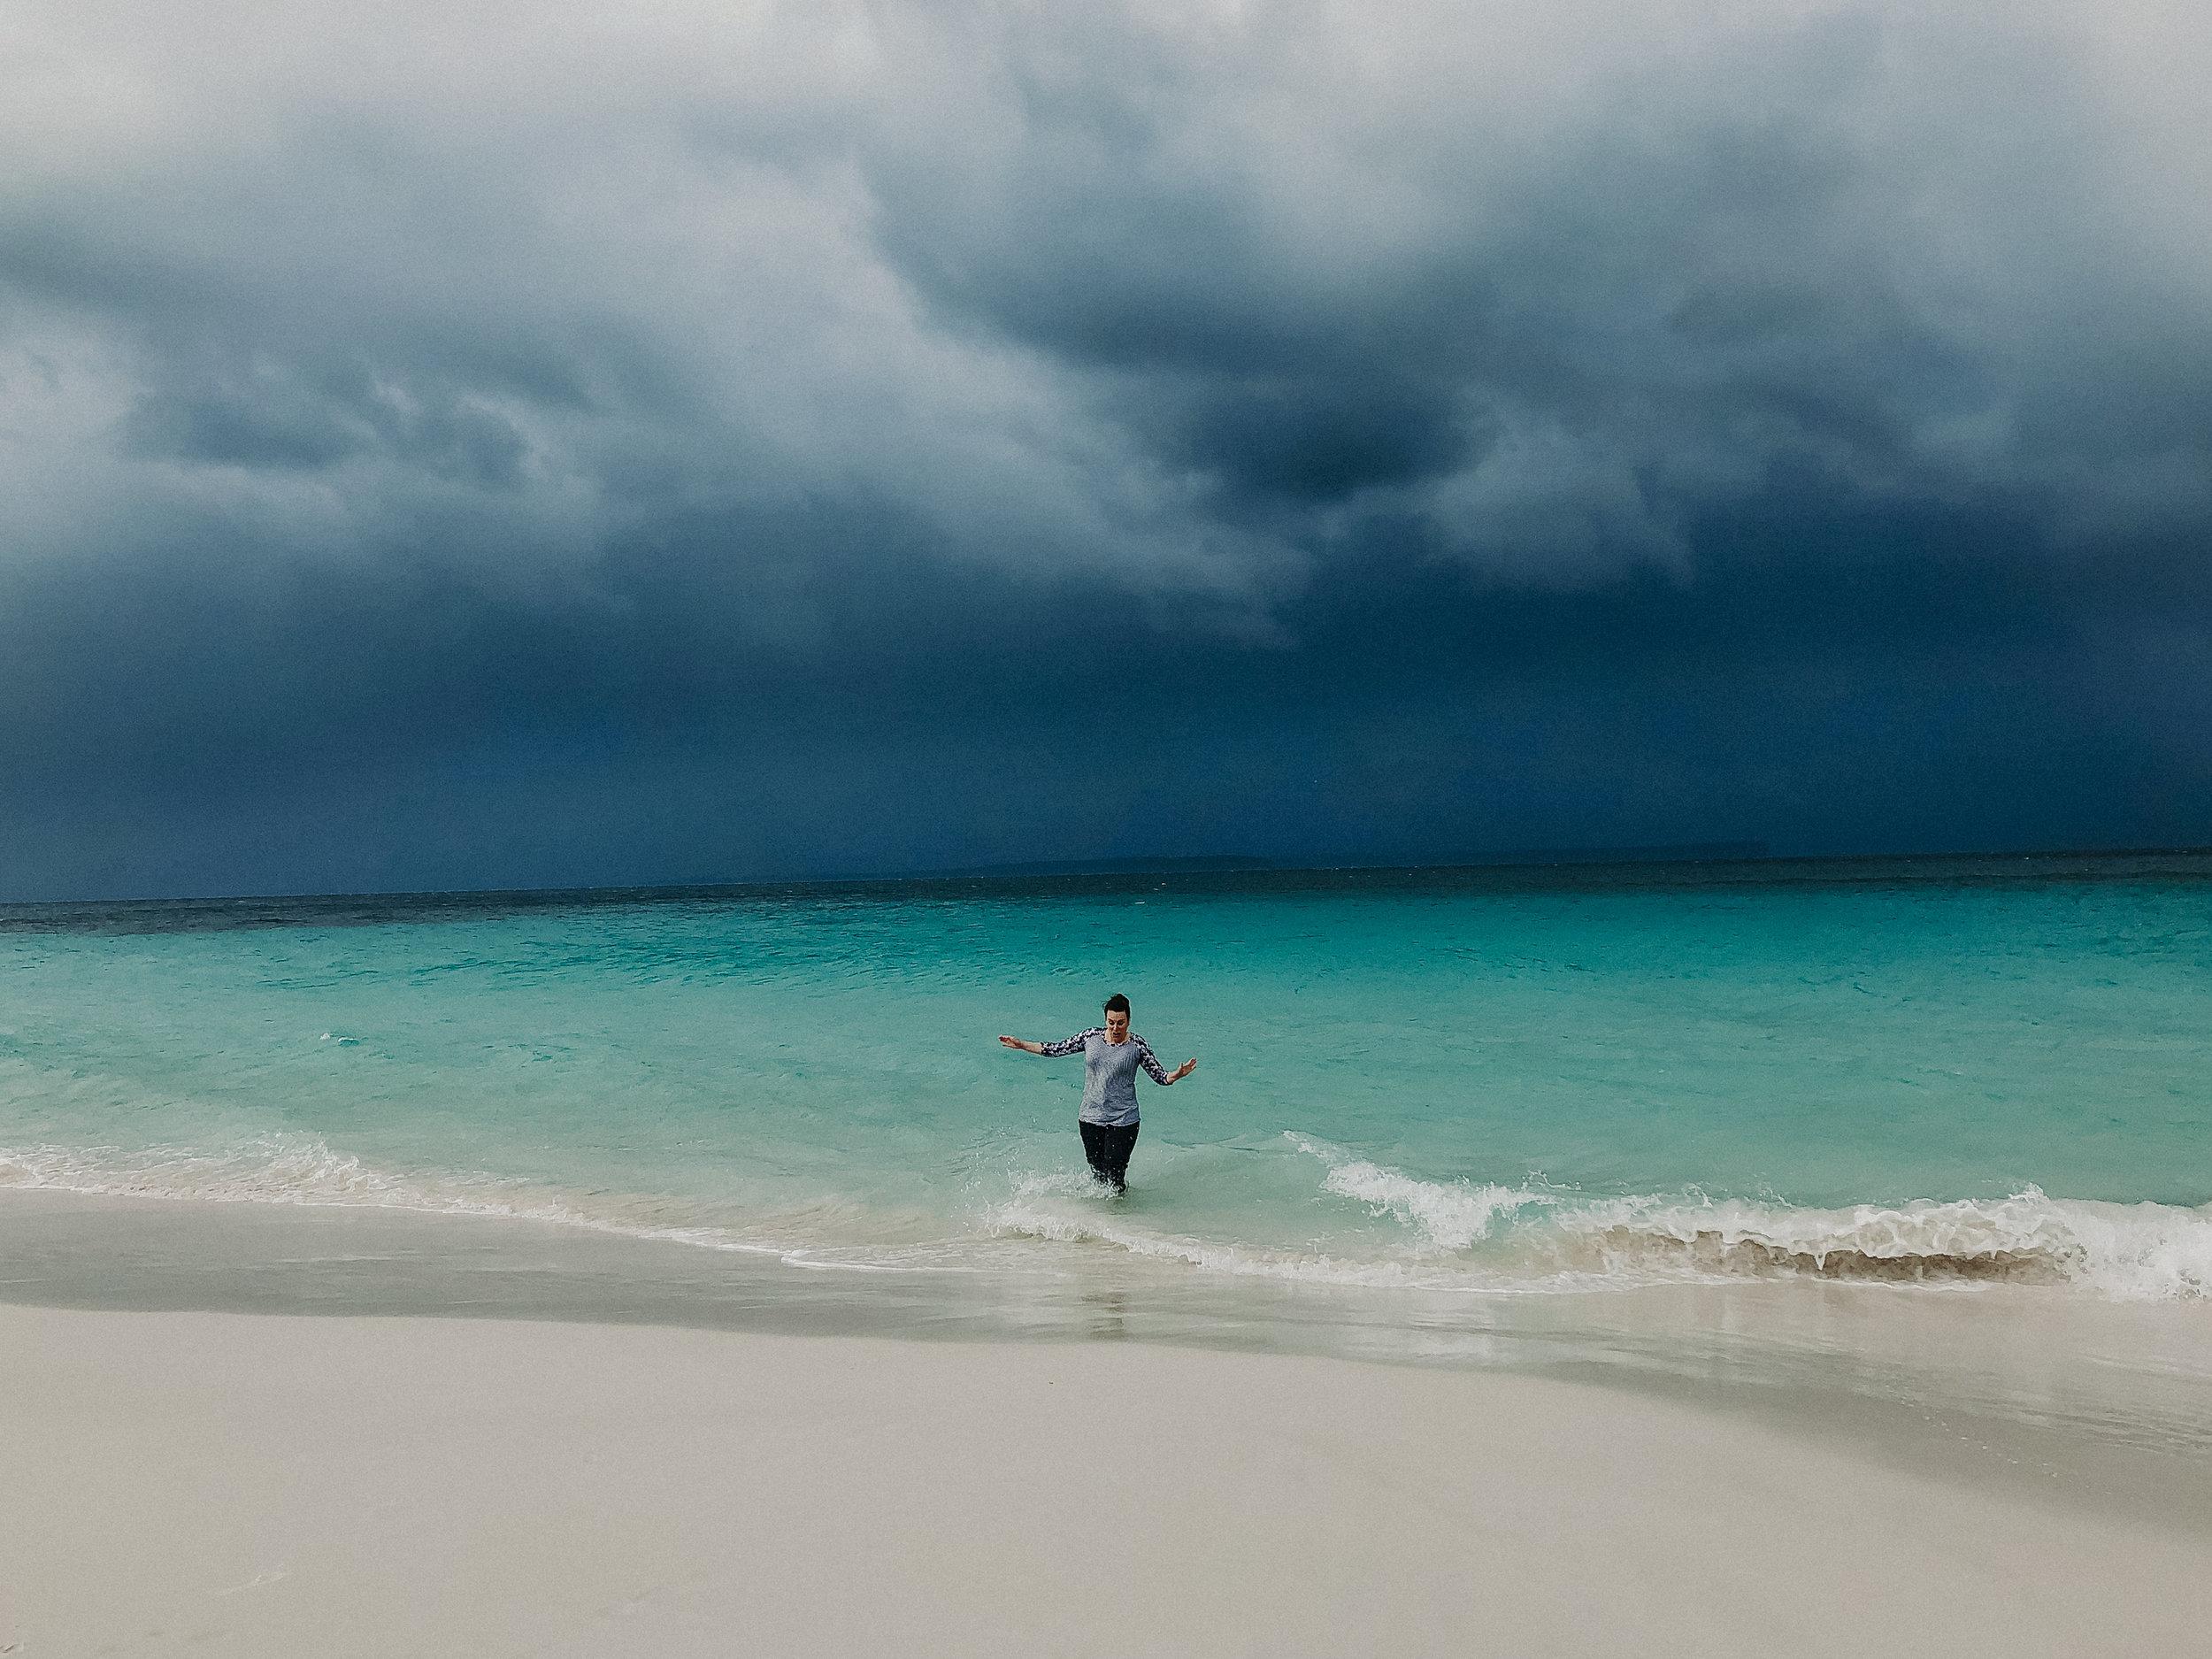 Hyams-Beach-Australia-Whitest-Sand-In-The-World-7.jpg